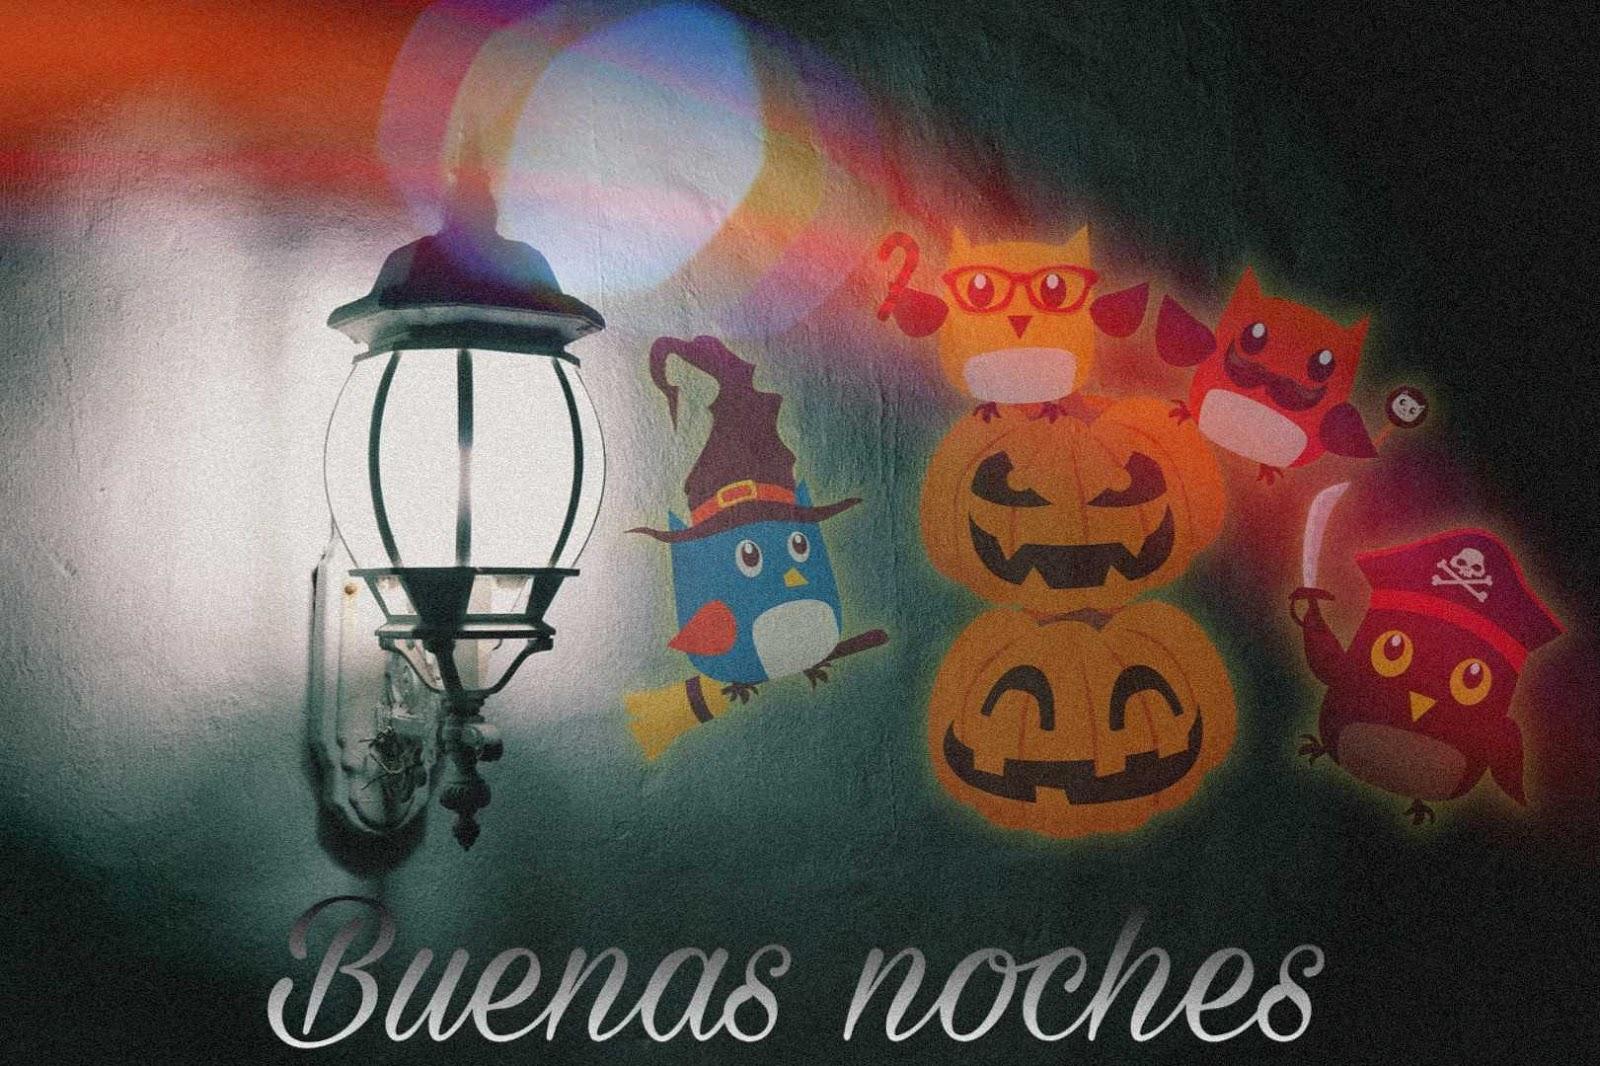 Imagenes De Buenas Noches La Mejor Colección